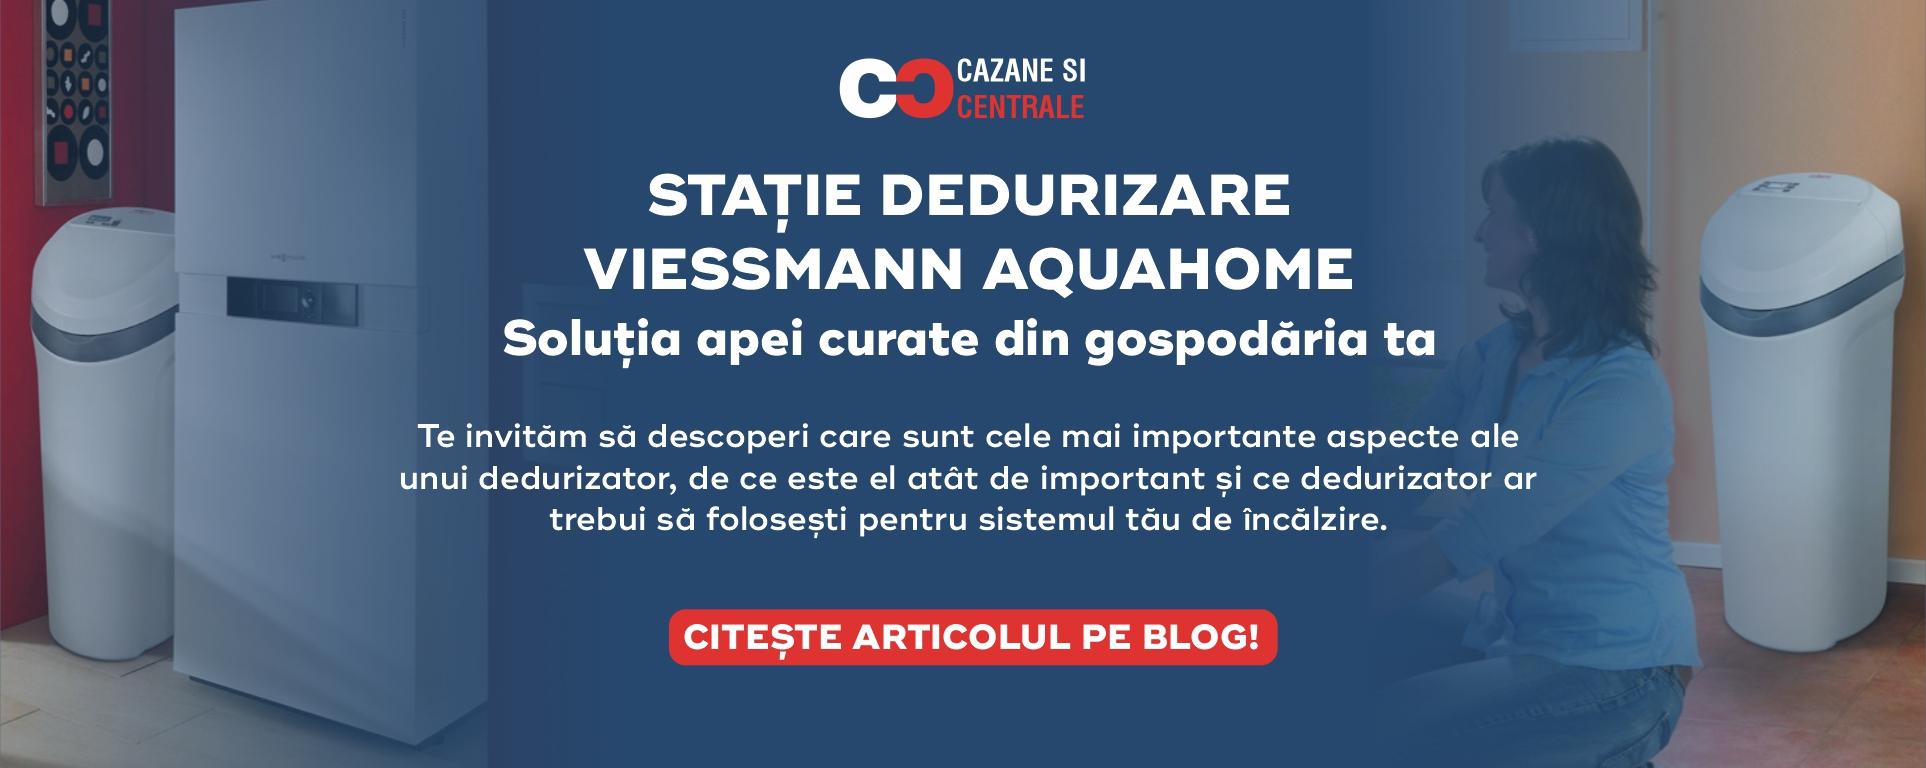 Articol Viessmann Aquahome